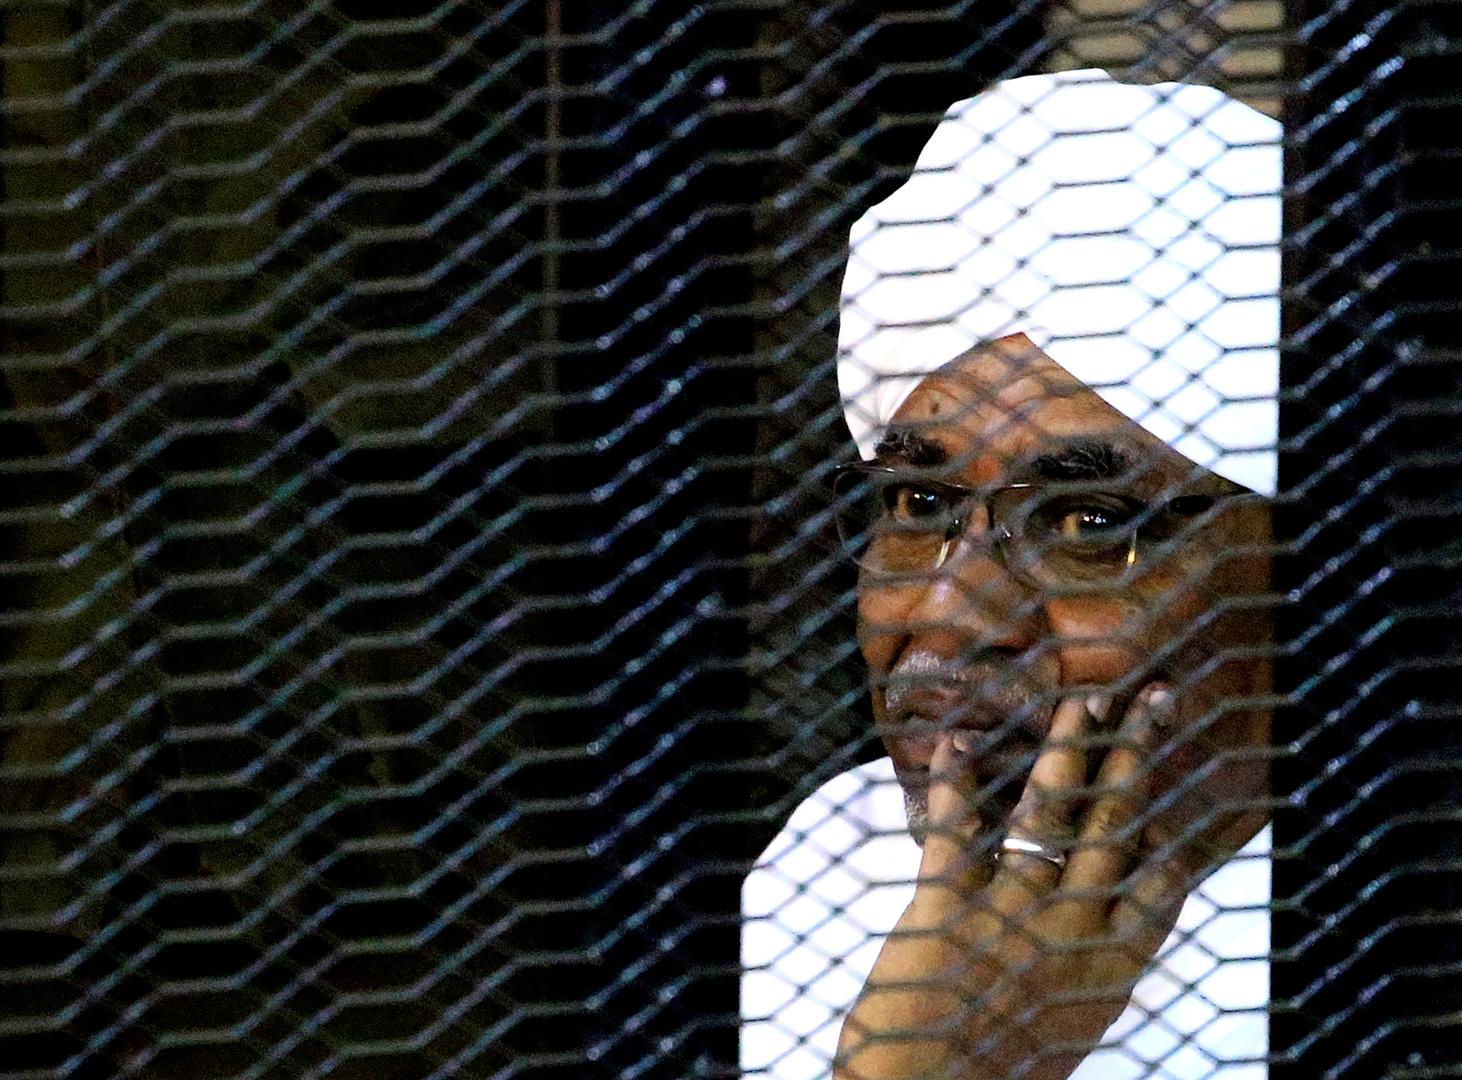 الرئيس السوداني المعزول عمر البشير أثناء محاكمته